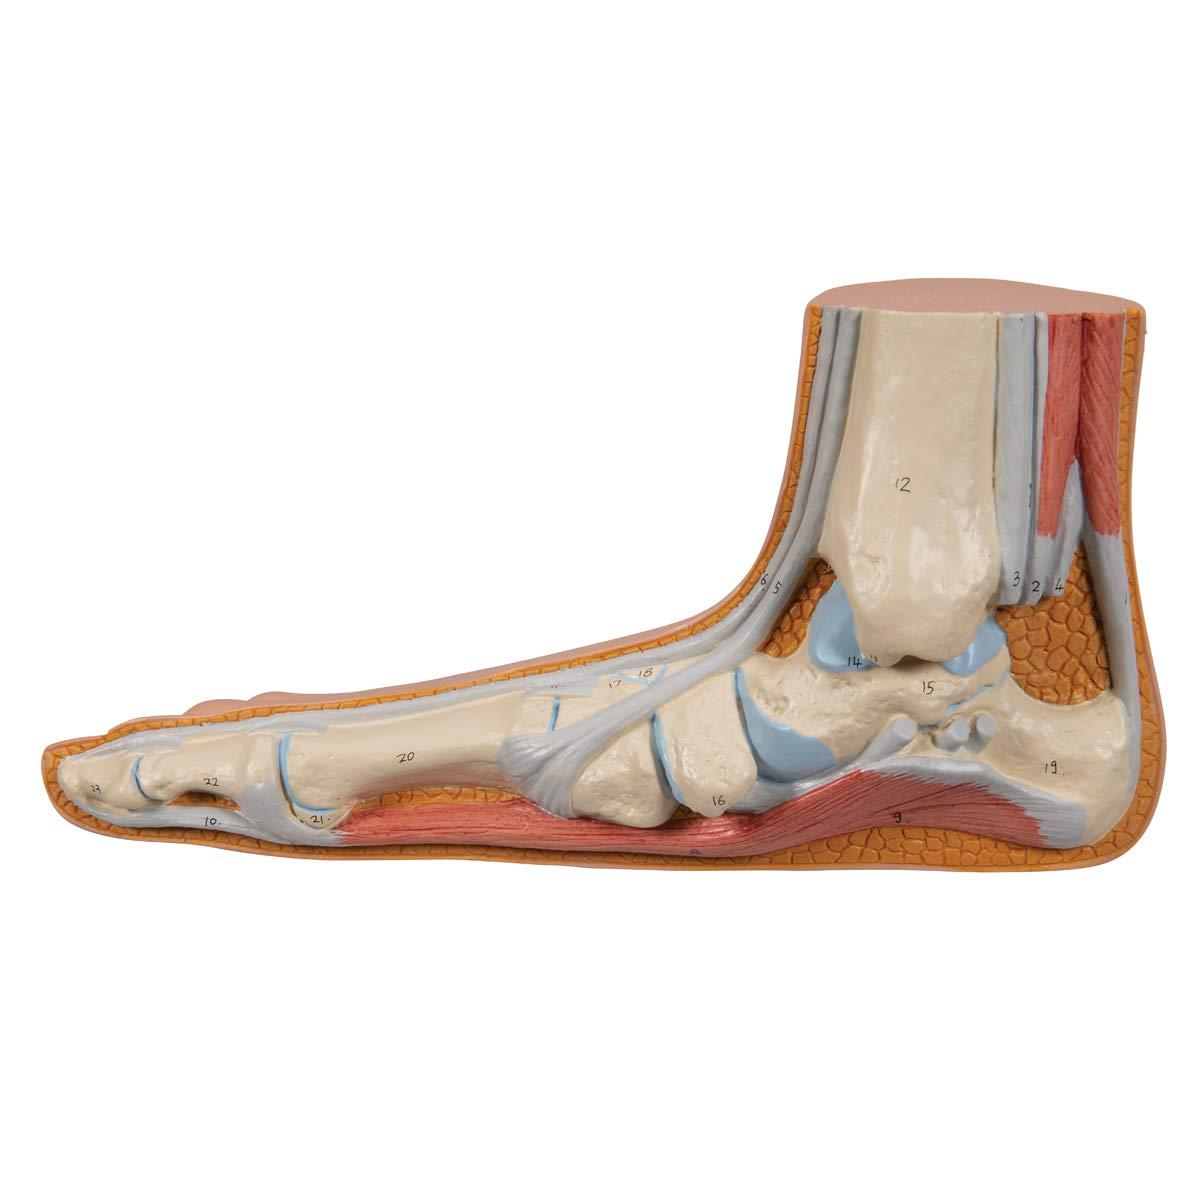 3B Scientific M31 Flat Foot (Pes Planus) Joint Model, 4.7'' x 9.4'' x 3.9''